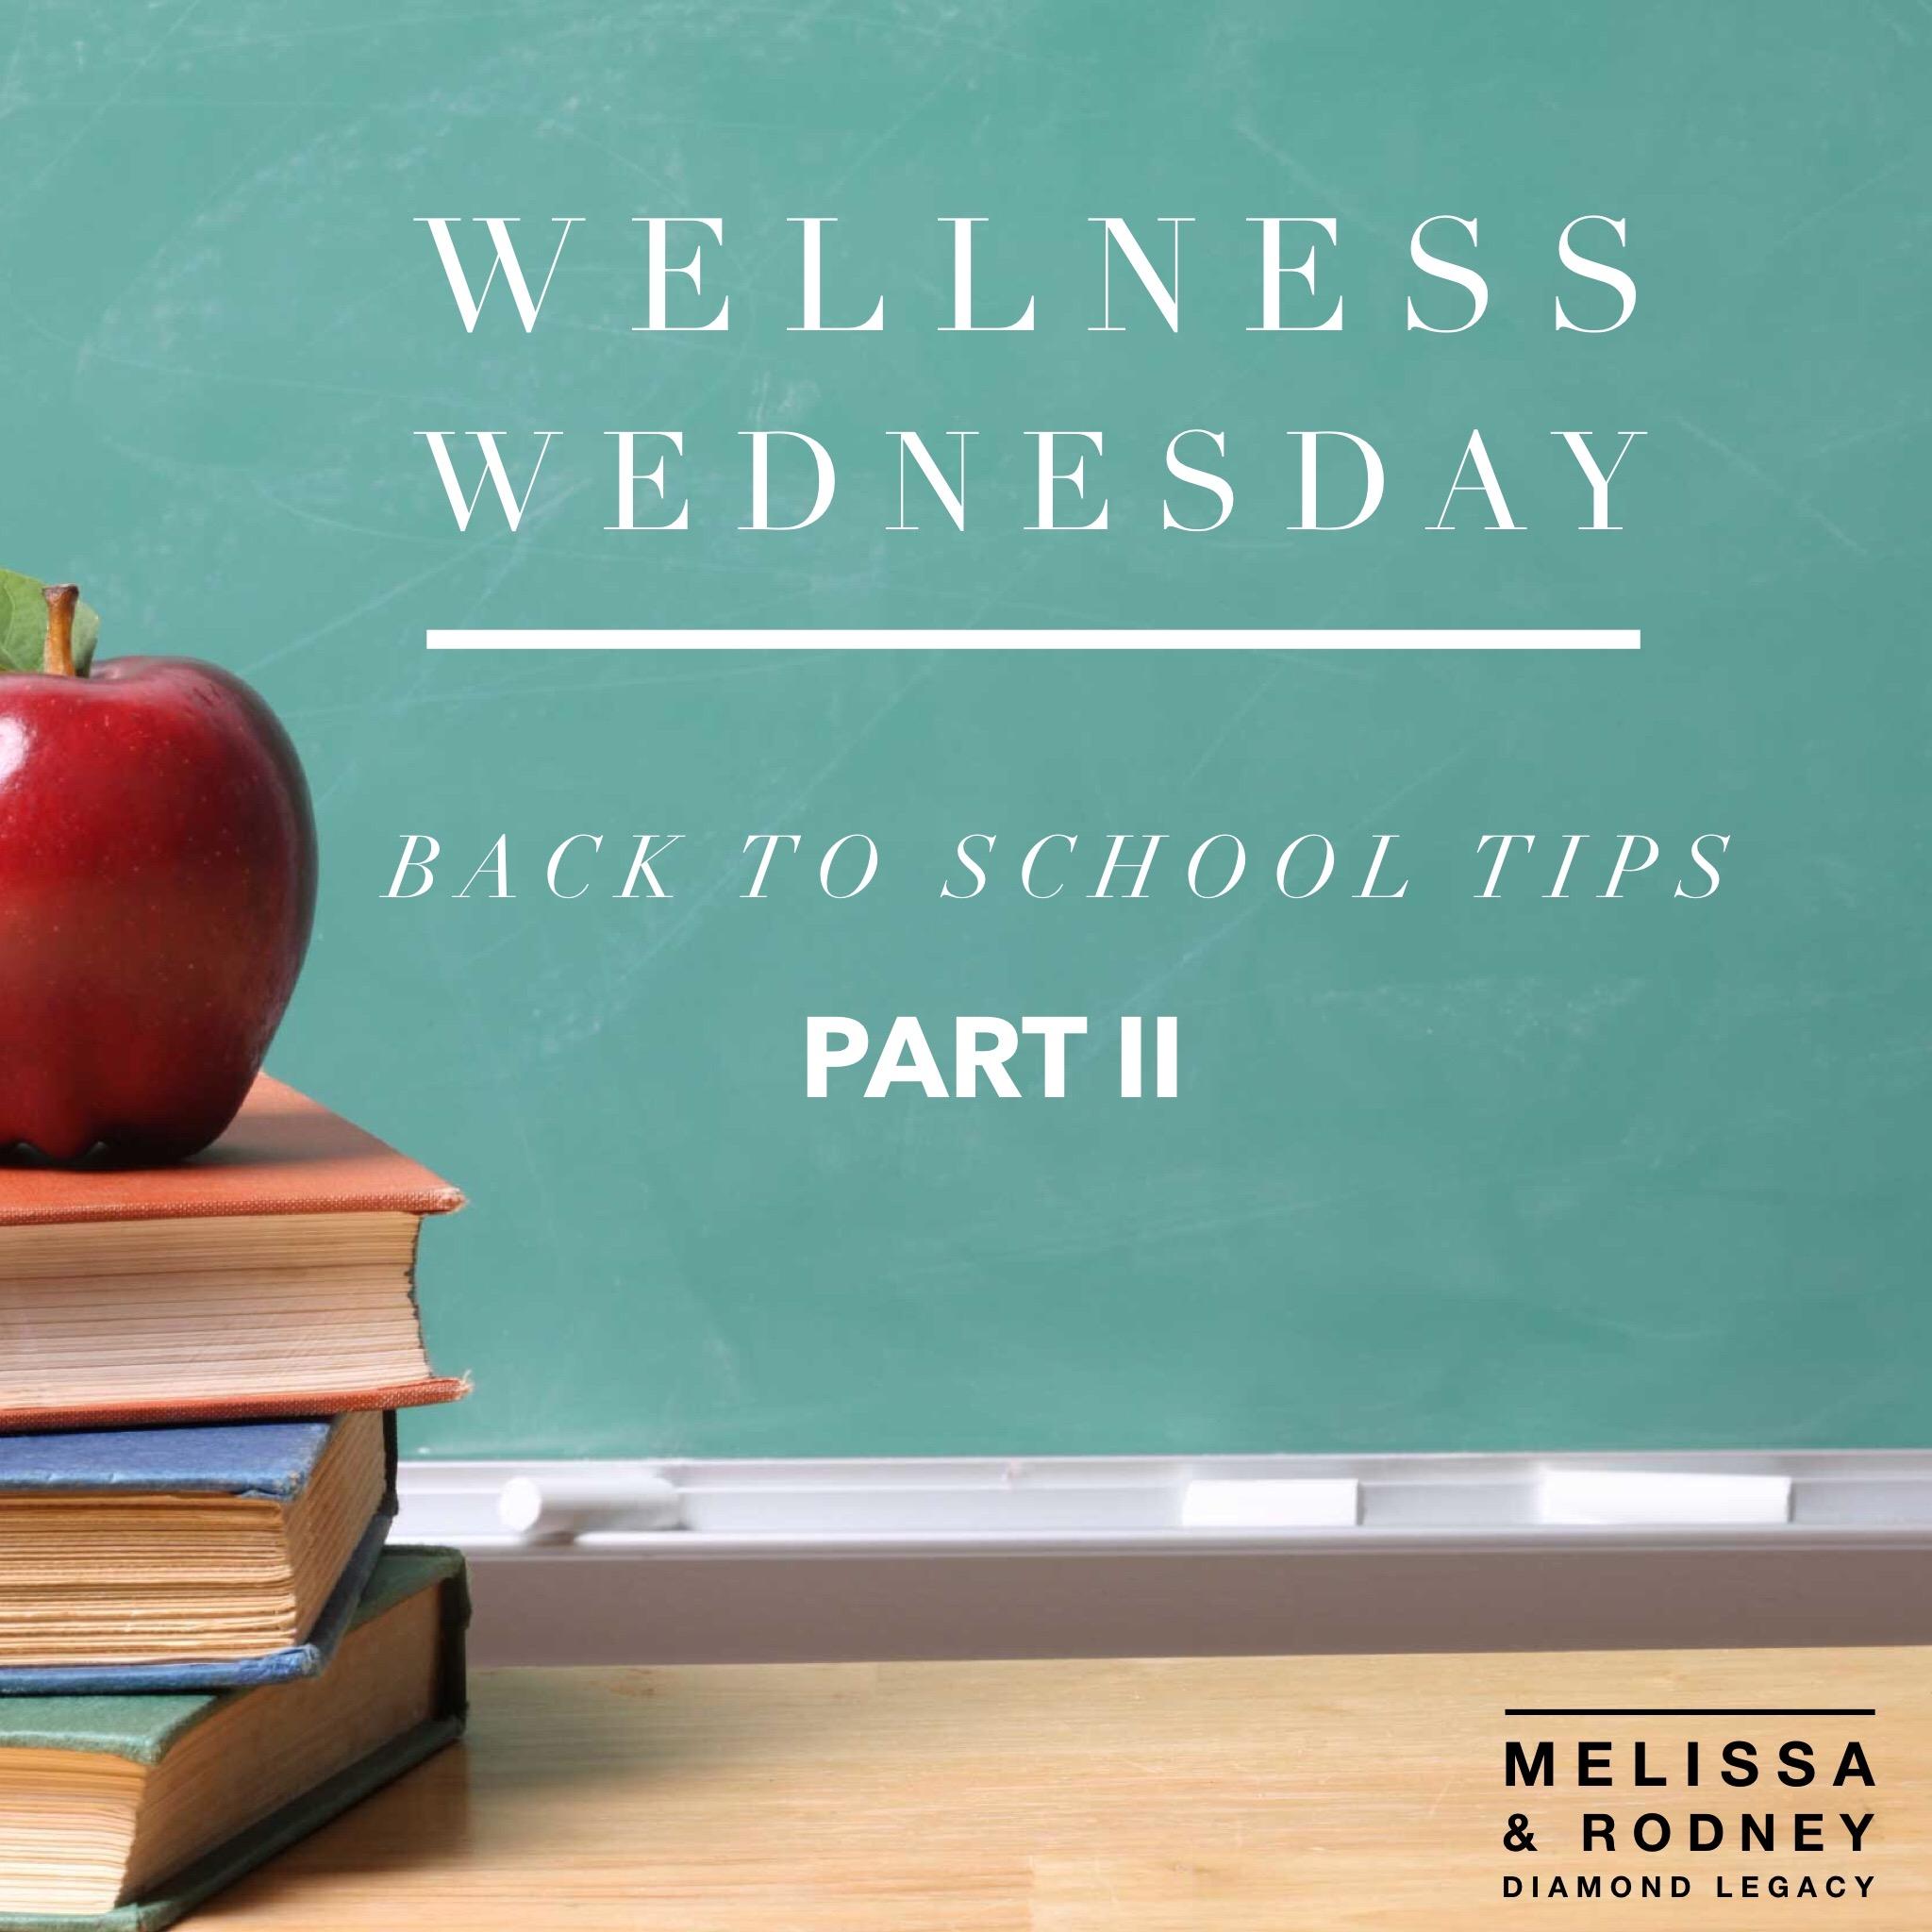 Wellness Wednesday Back to School Tips: Part II